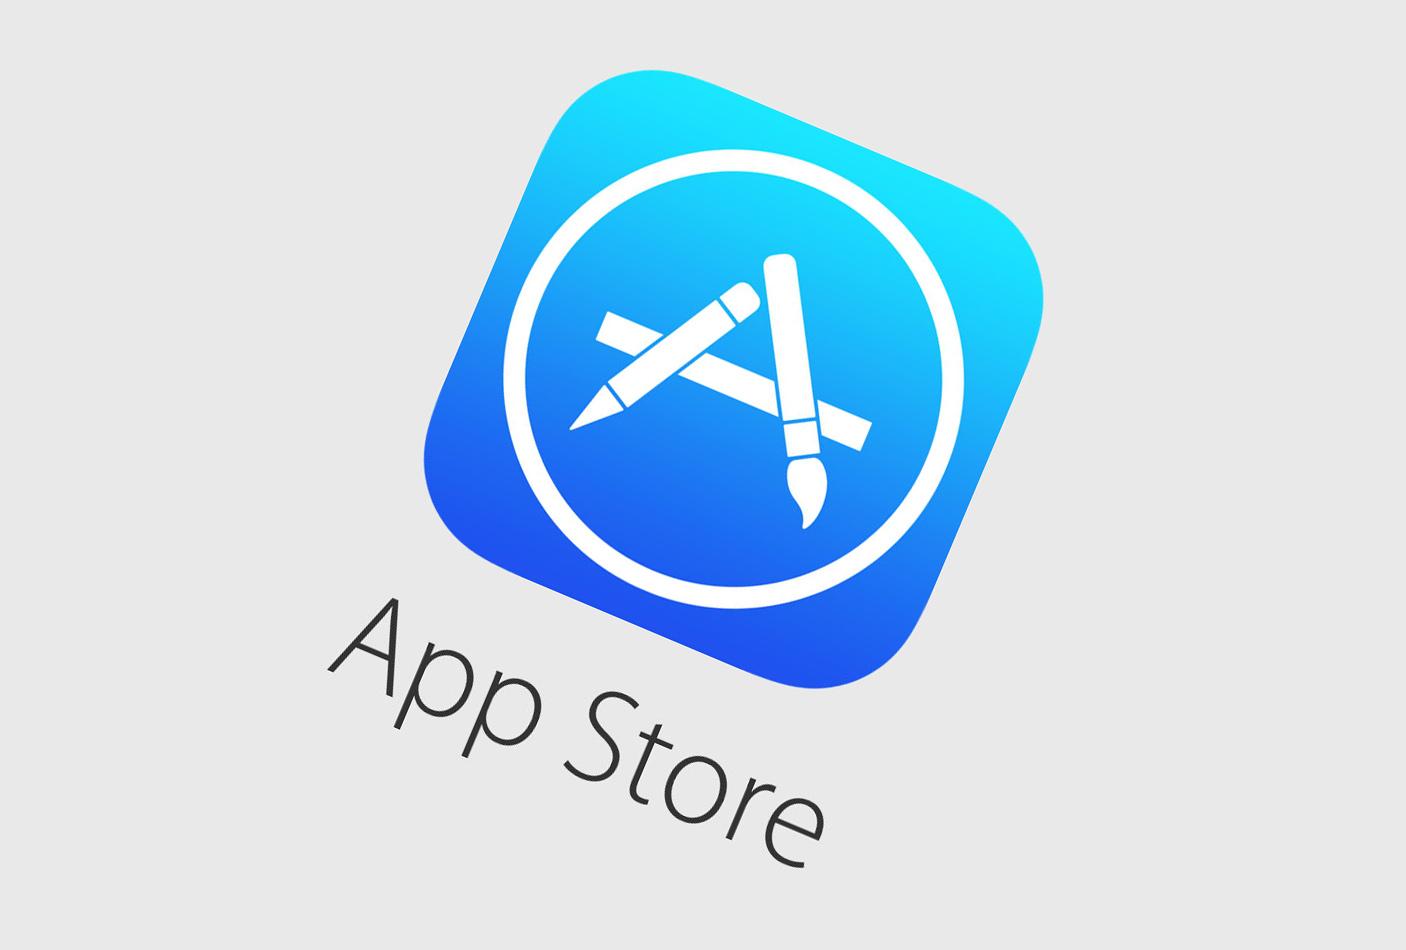 Как удалить программу из iPhone?